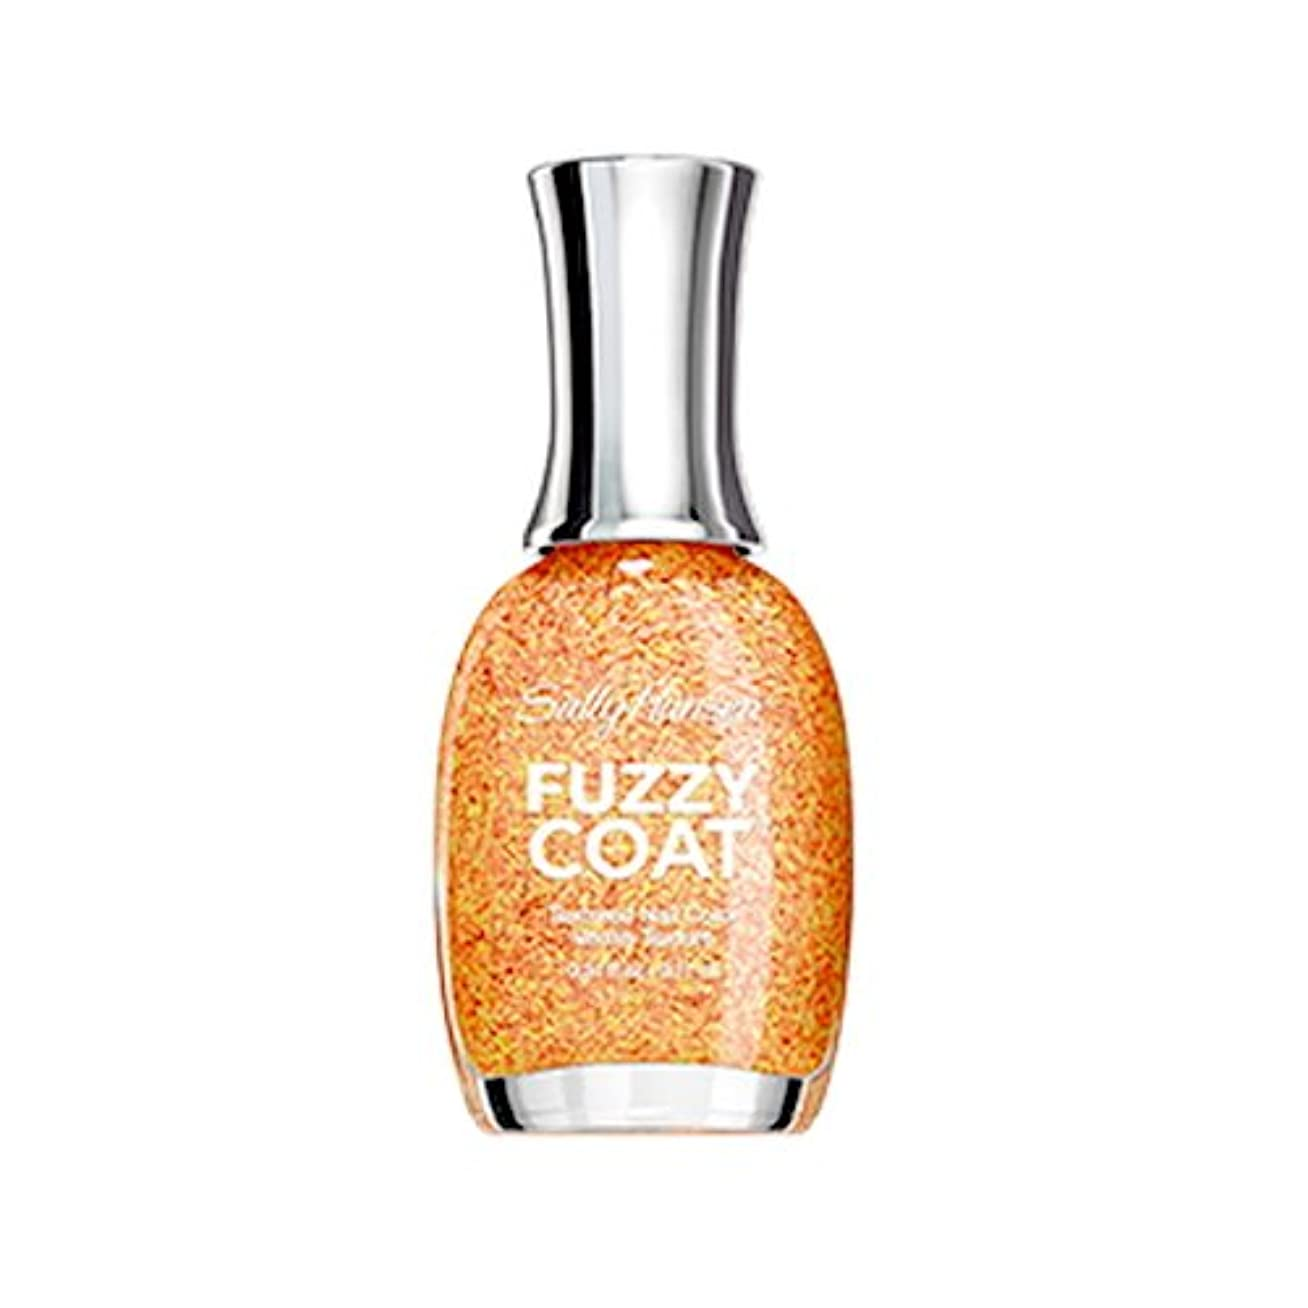 ぞっとするような夜アジテーション(6 Pack) SALLY HANSEN Fuzzy Coat Special Effect Textured Nail Color - Peach Fuzz (並行輸入品)